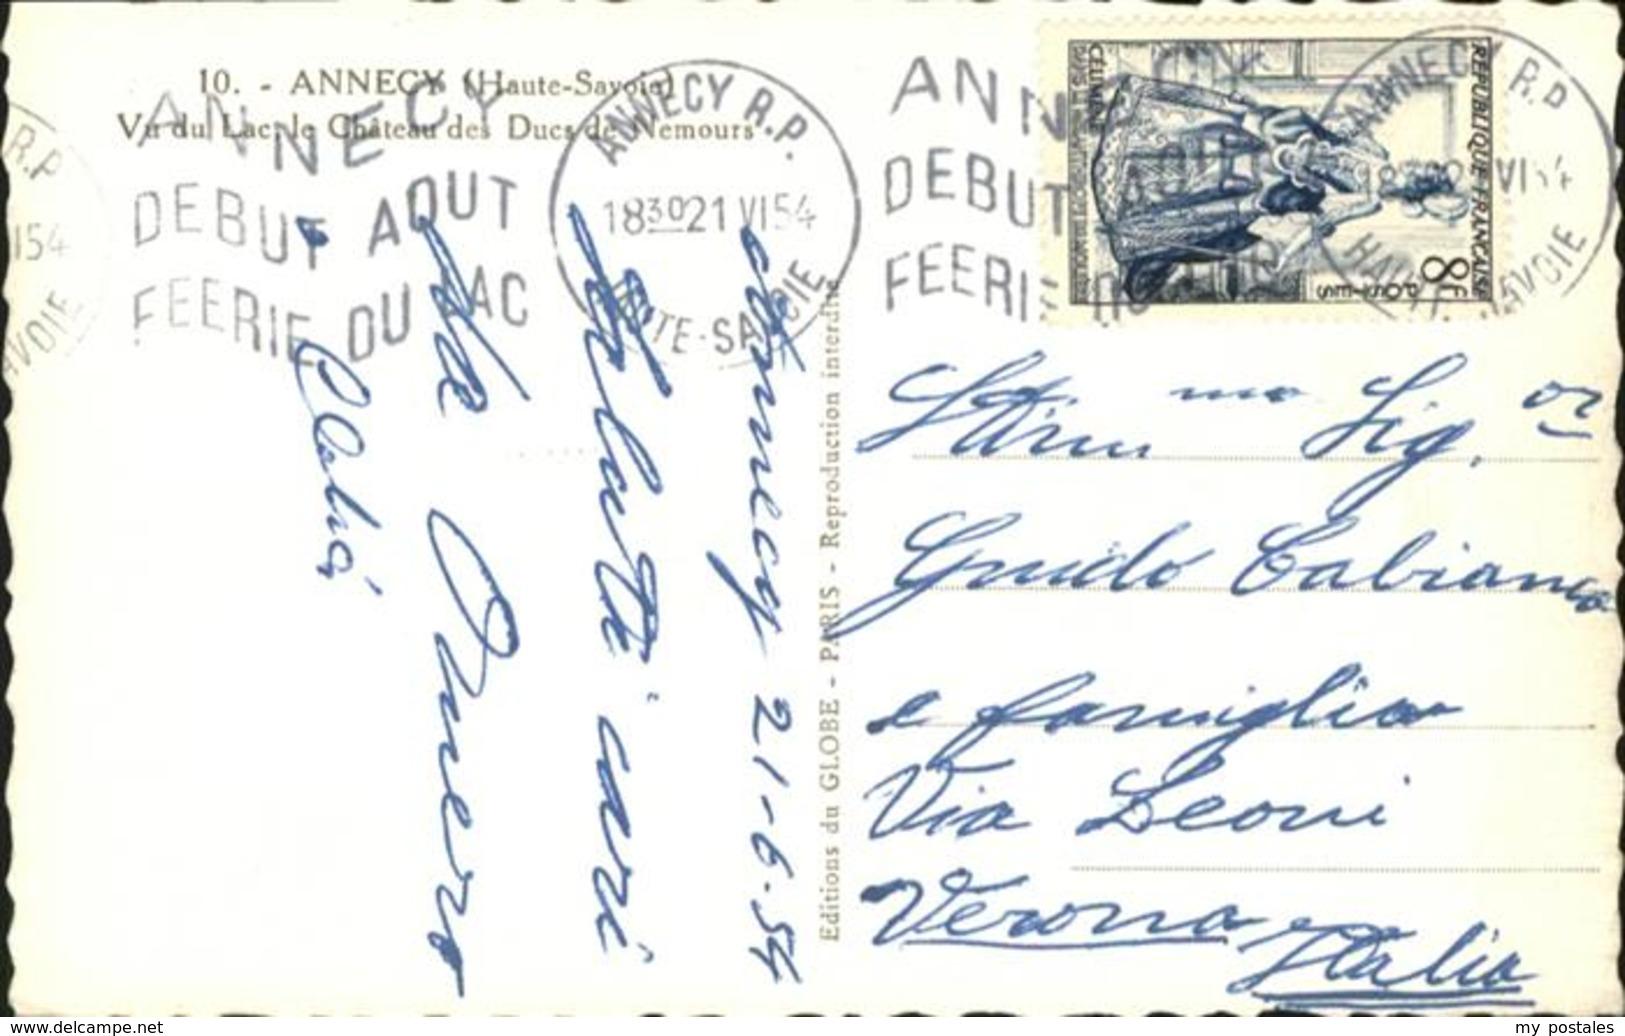 60825275 Annecy Haute-Savoie Chateau / Annecy /Arrond. D Annecy - Non Classés